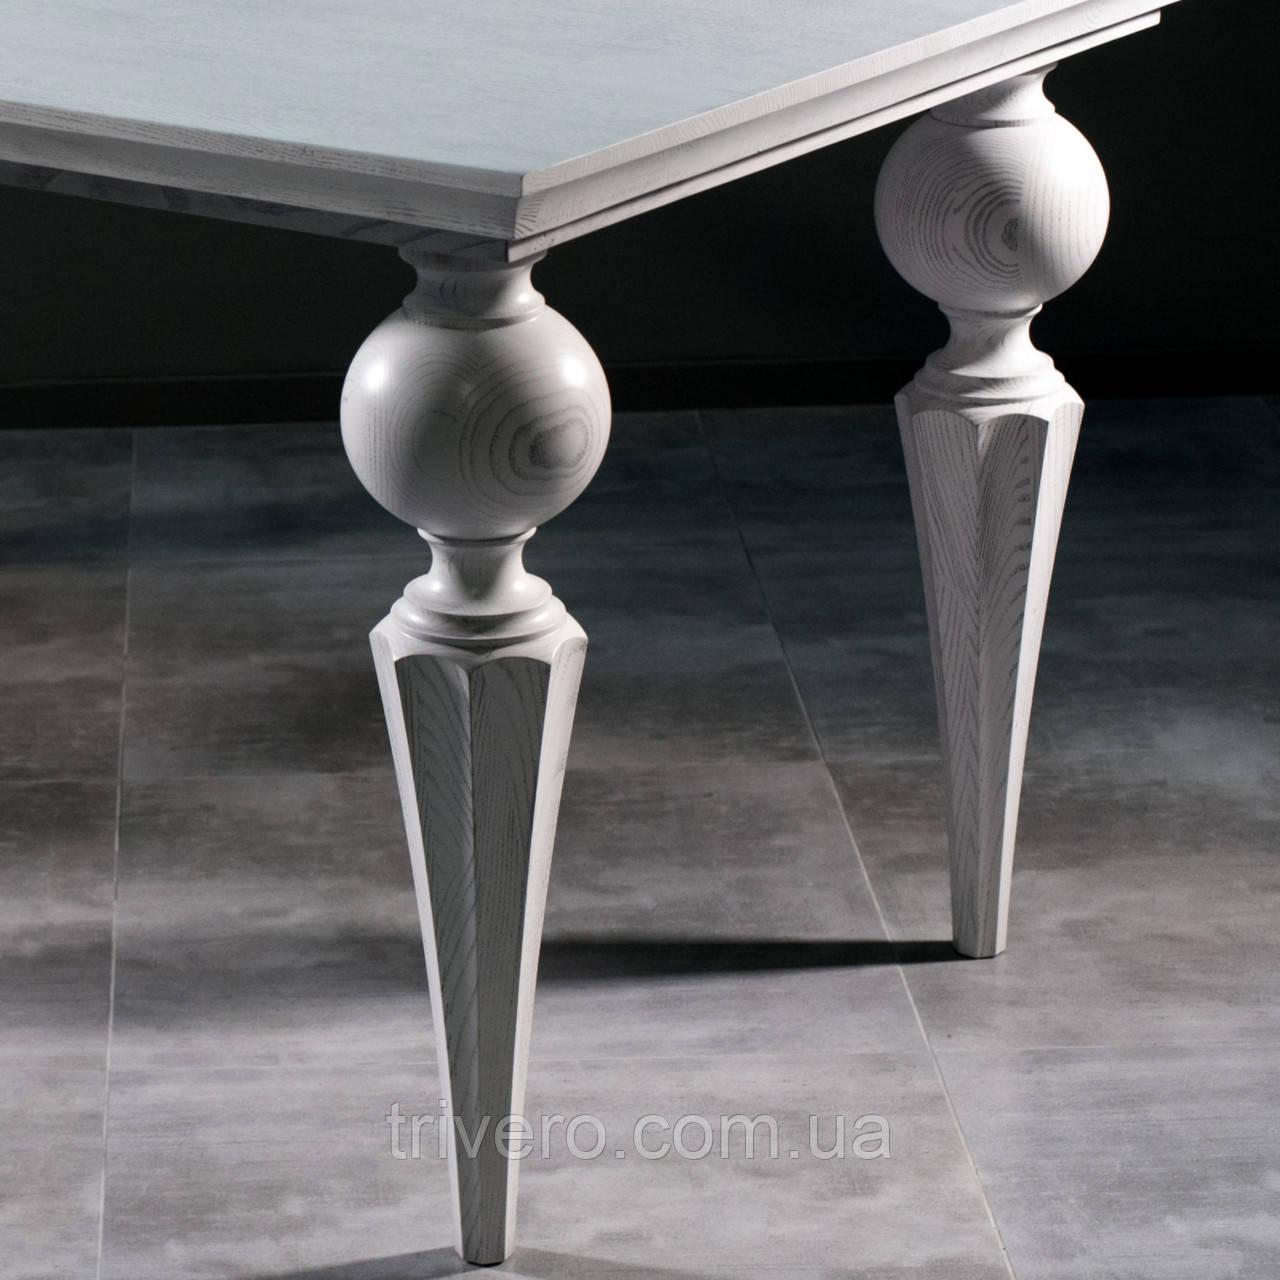 Мебельные ножки и опоры деревянные для стола с гранями H.760 D.180